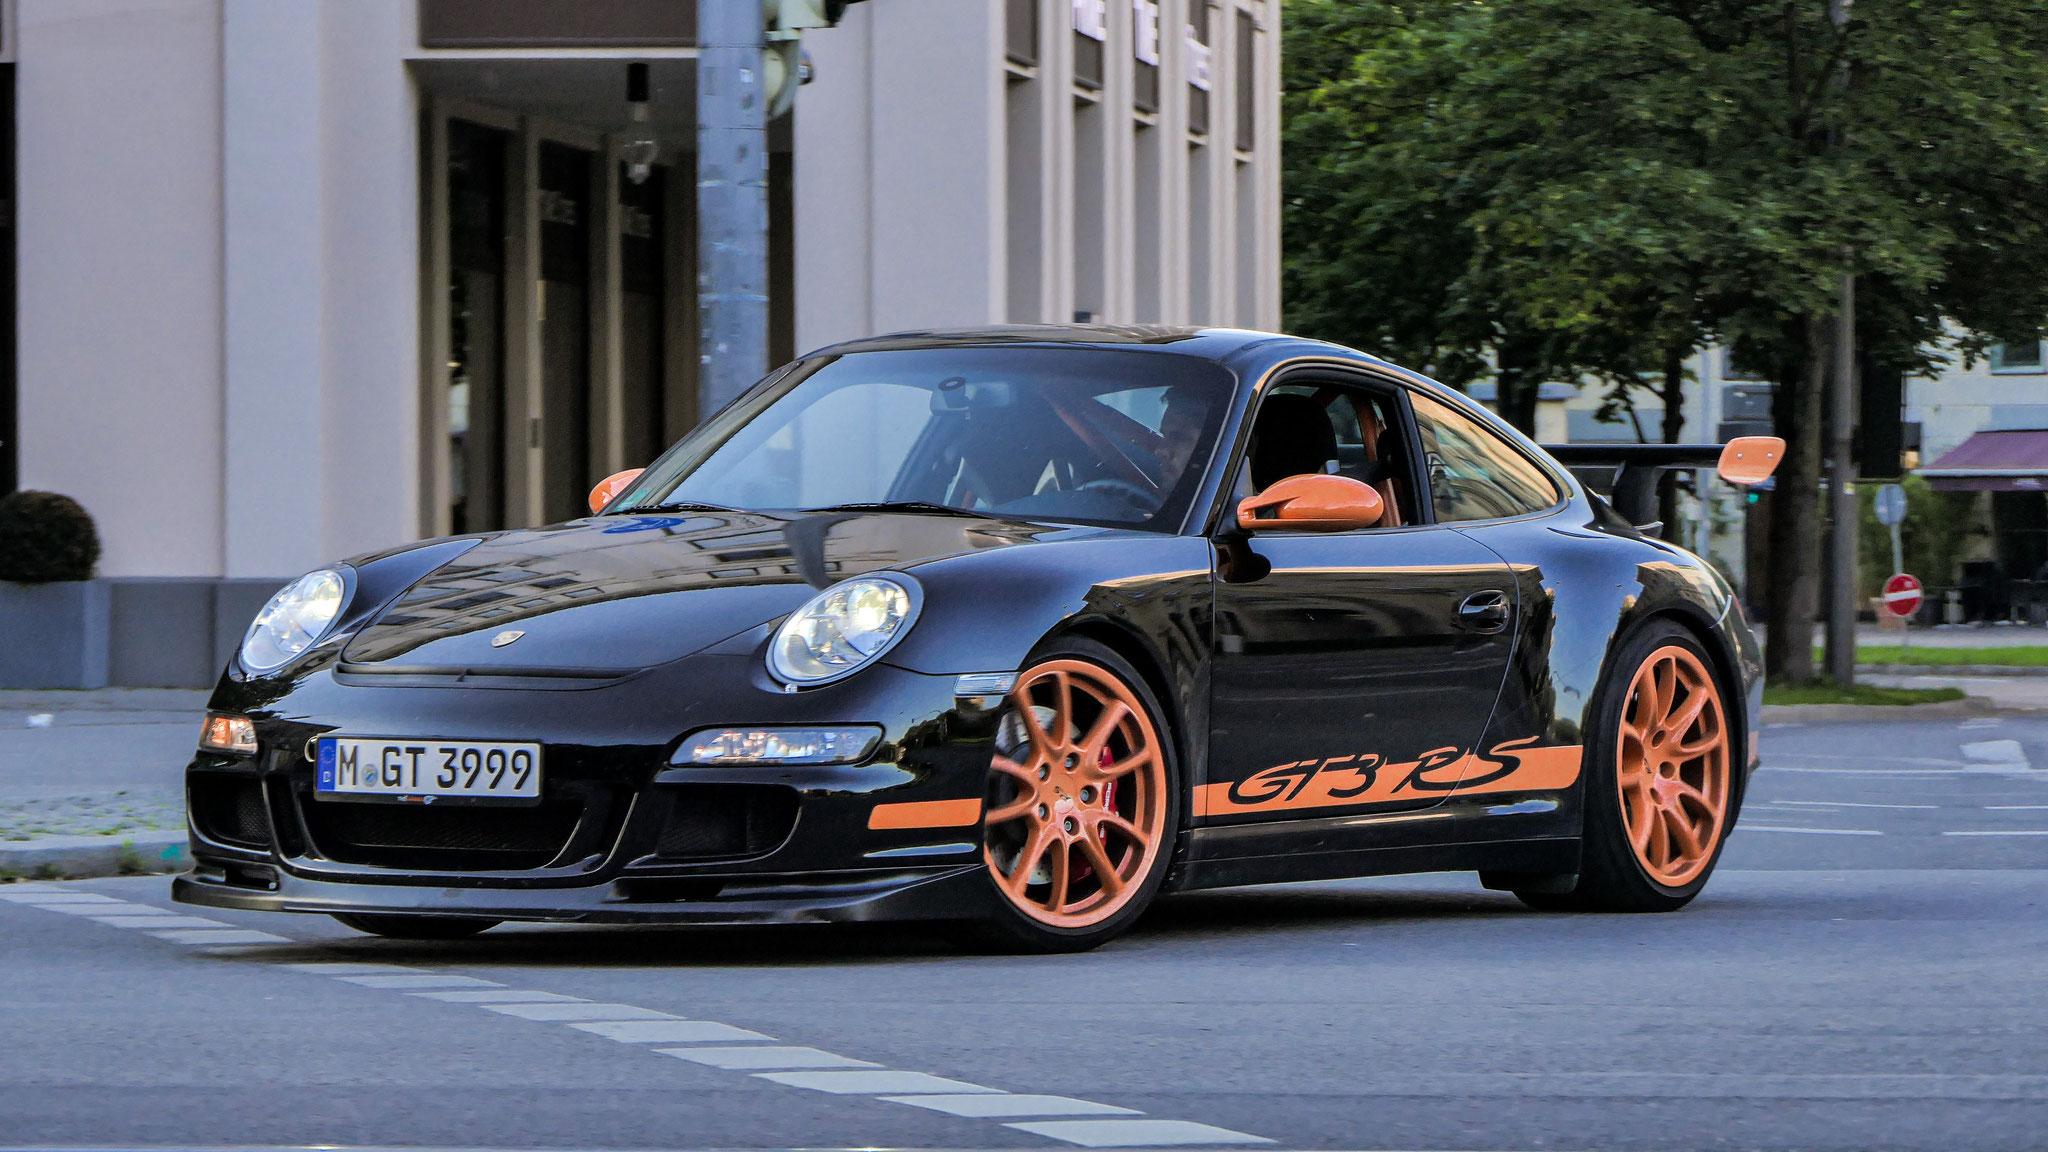 Porsche 911 GT3 RS - M-GT-3999